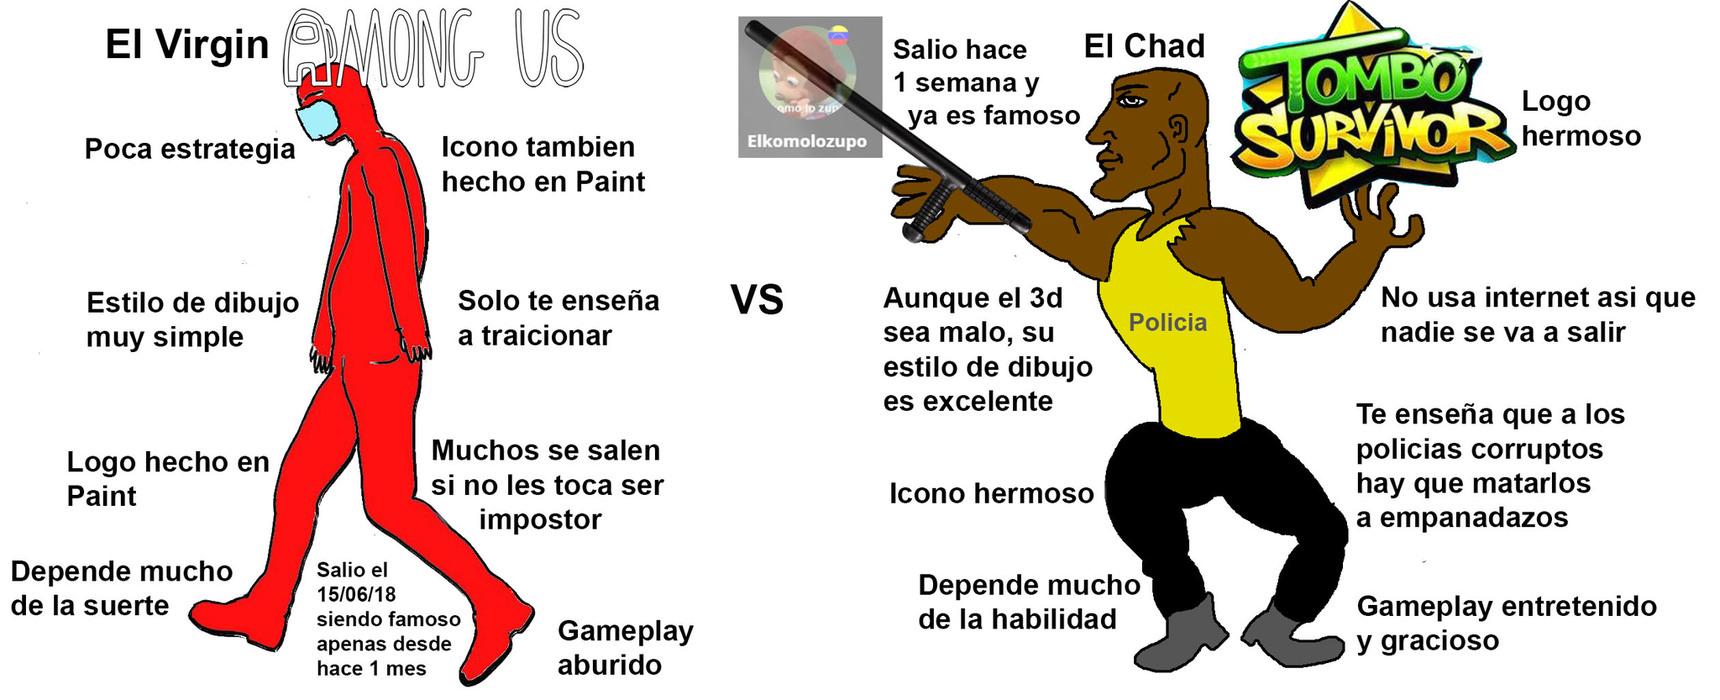 El Virgin Among Us VS El Chad Tombo Survivor - meme